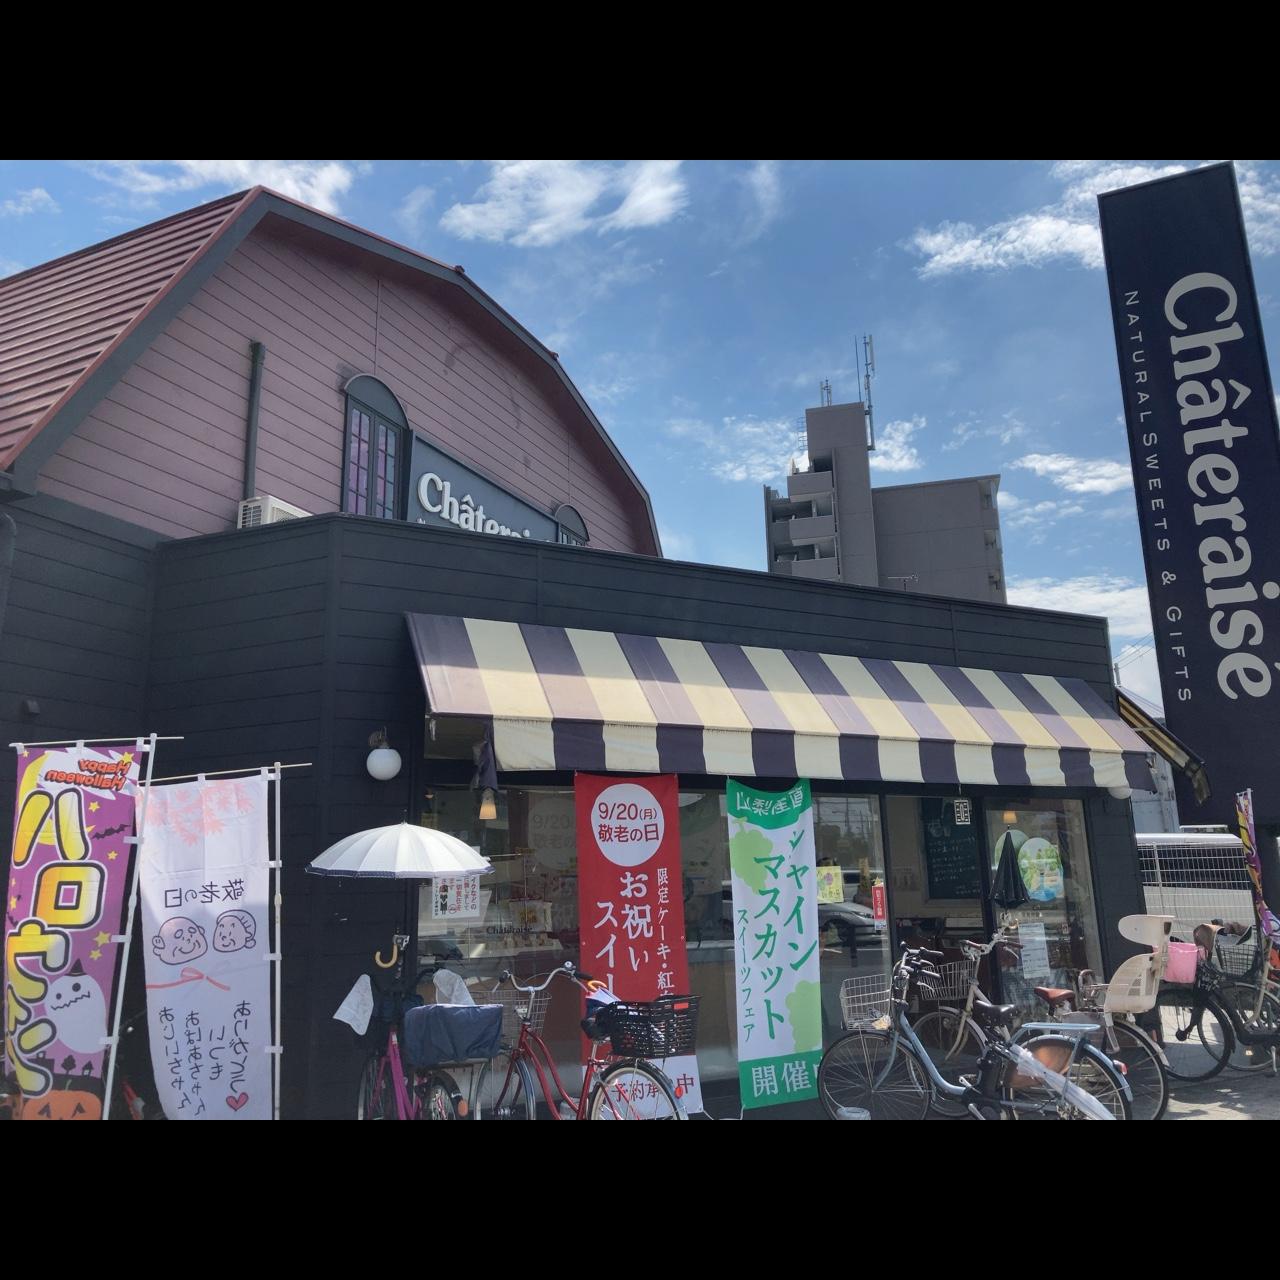 シャトレーゼ 今川店>